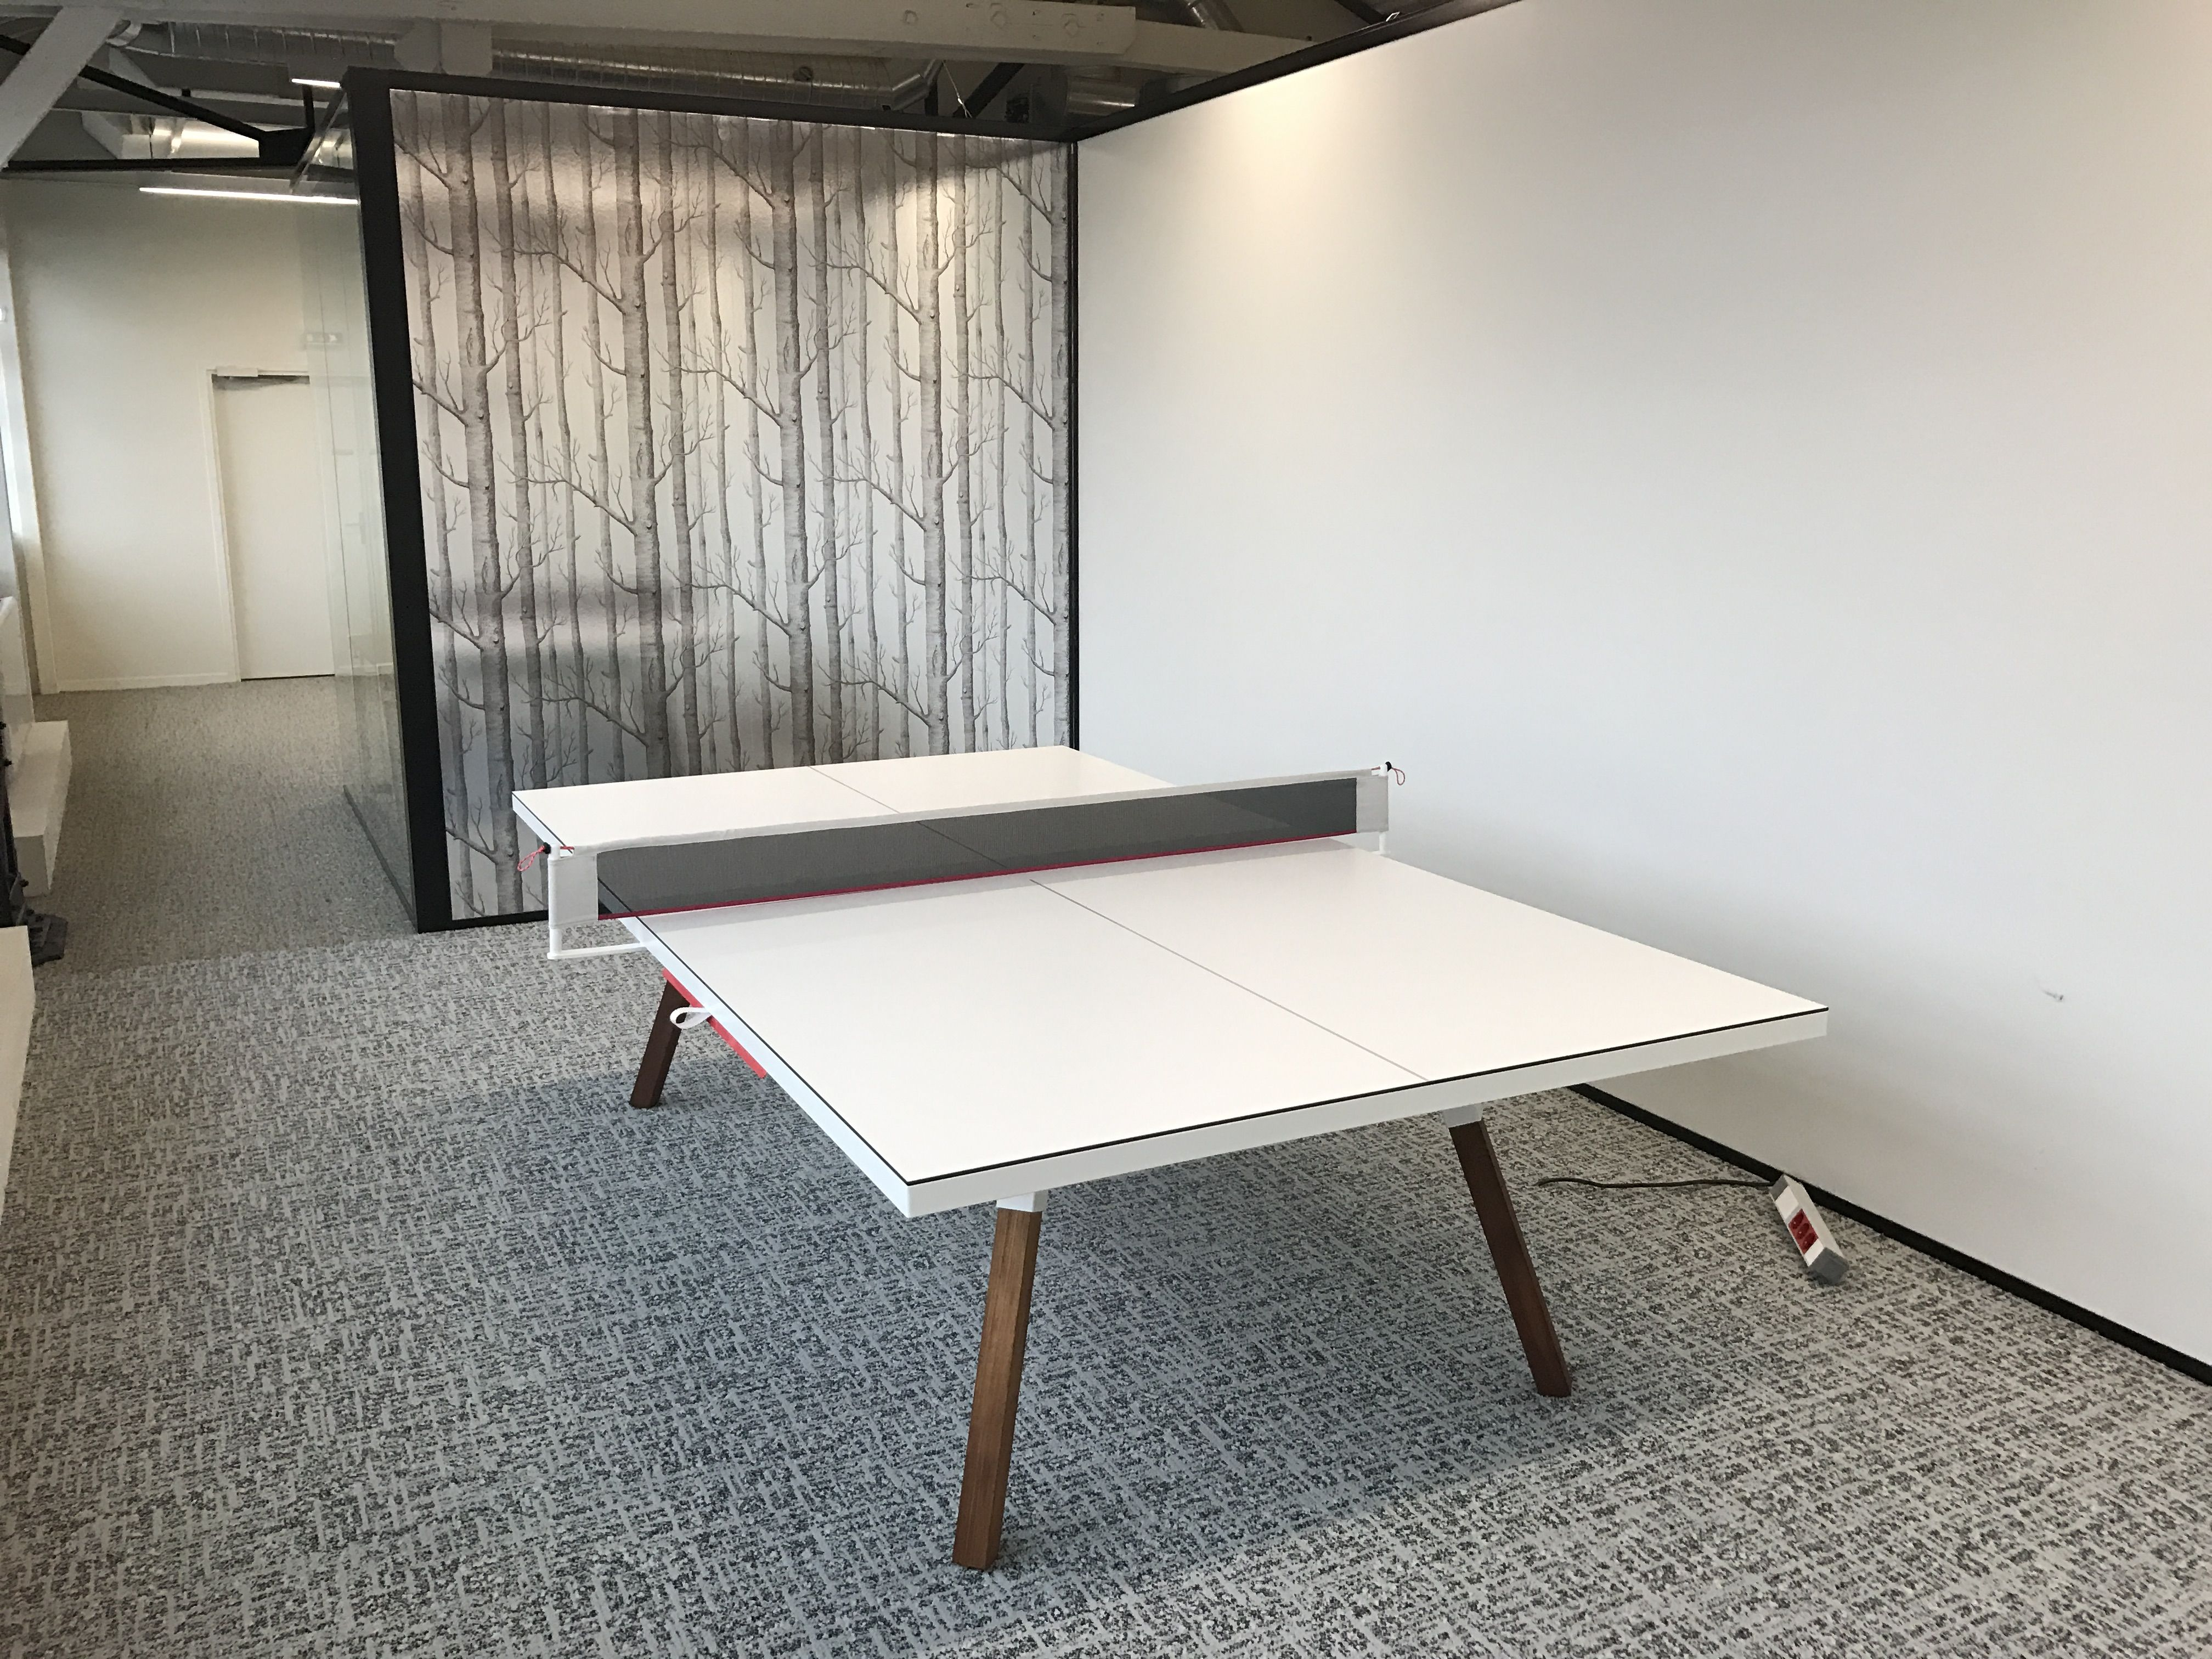 Lyon 1er Coworking A Offrir 3000m2 De Bureaux A Louer Home Decor Home Furniture